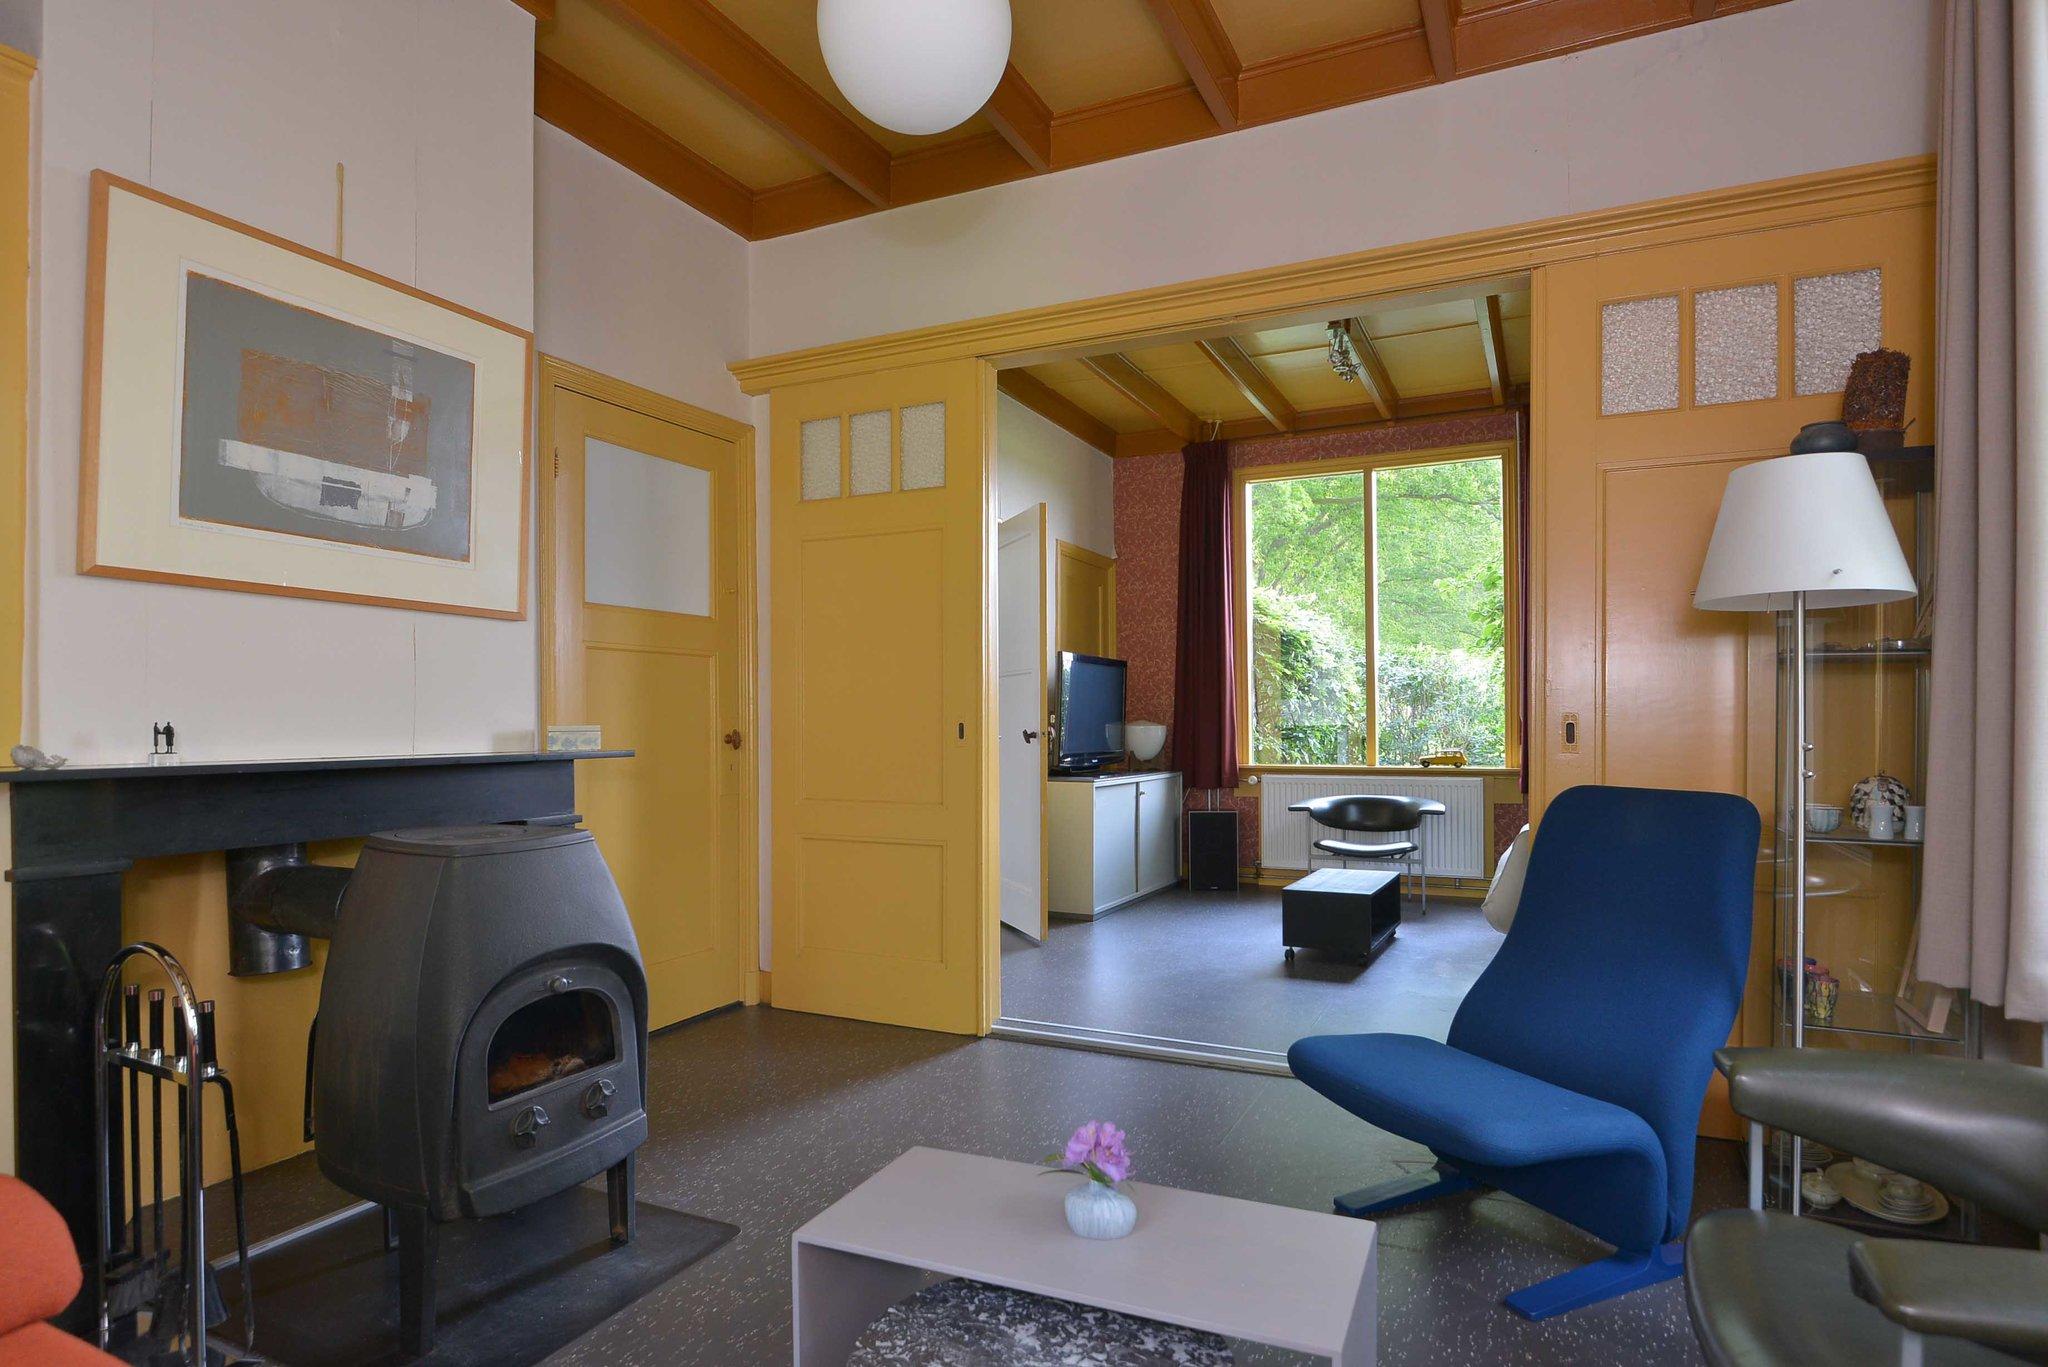 olst-boxbergerweg-4003964-foto-12.jpg